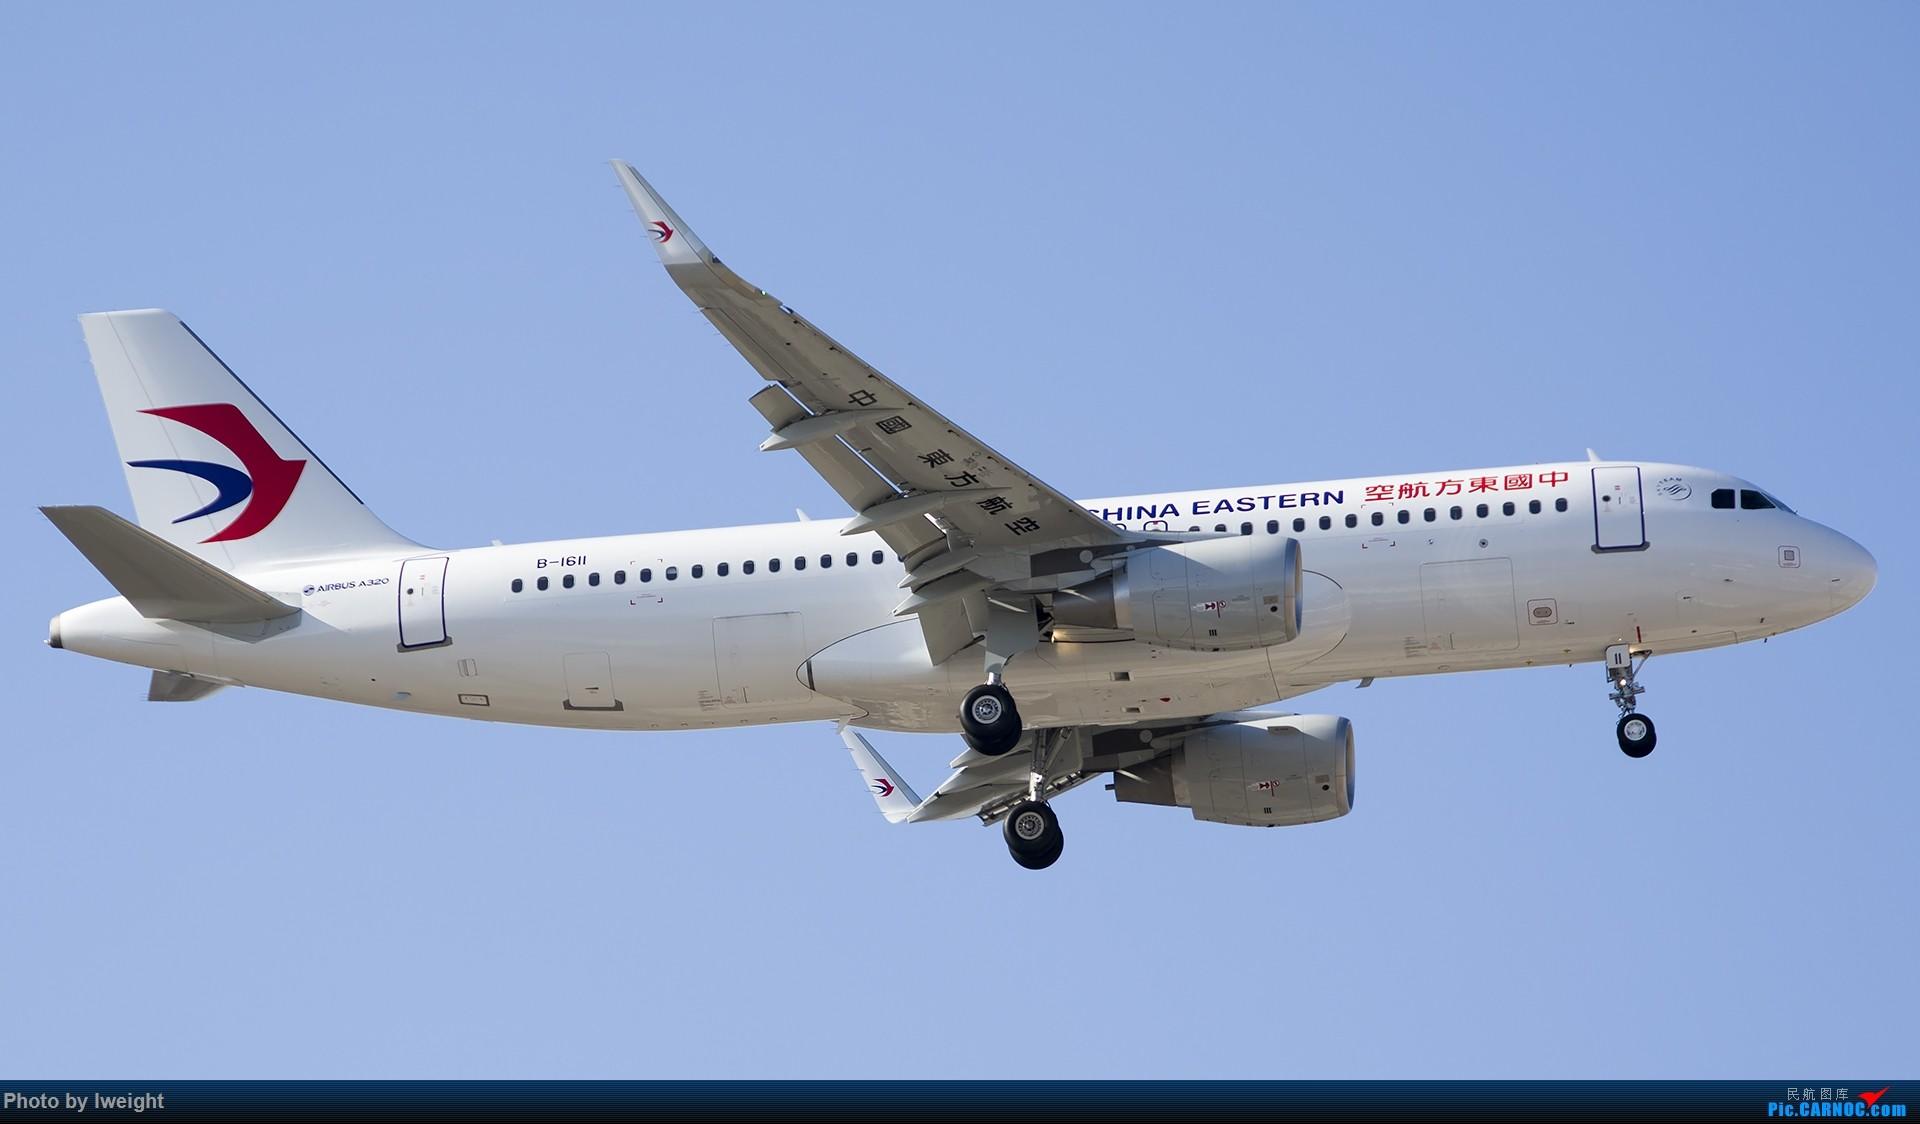 Re:[原创]2014-12-06 PEK天气由好变坏的直接体验 AIRBUS A320-200 B-1611 中国北京首都国际机场